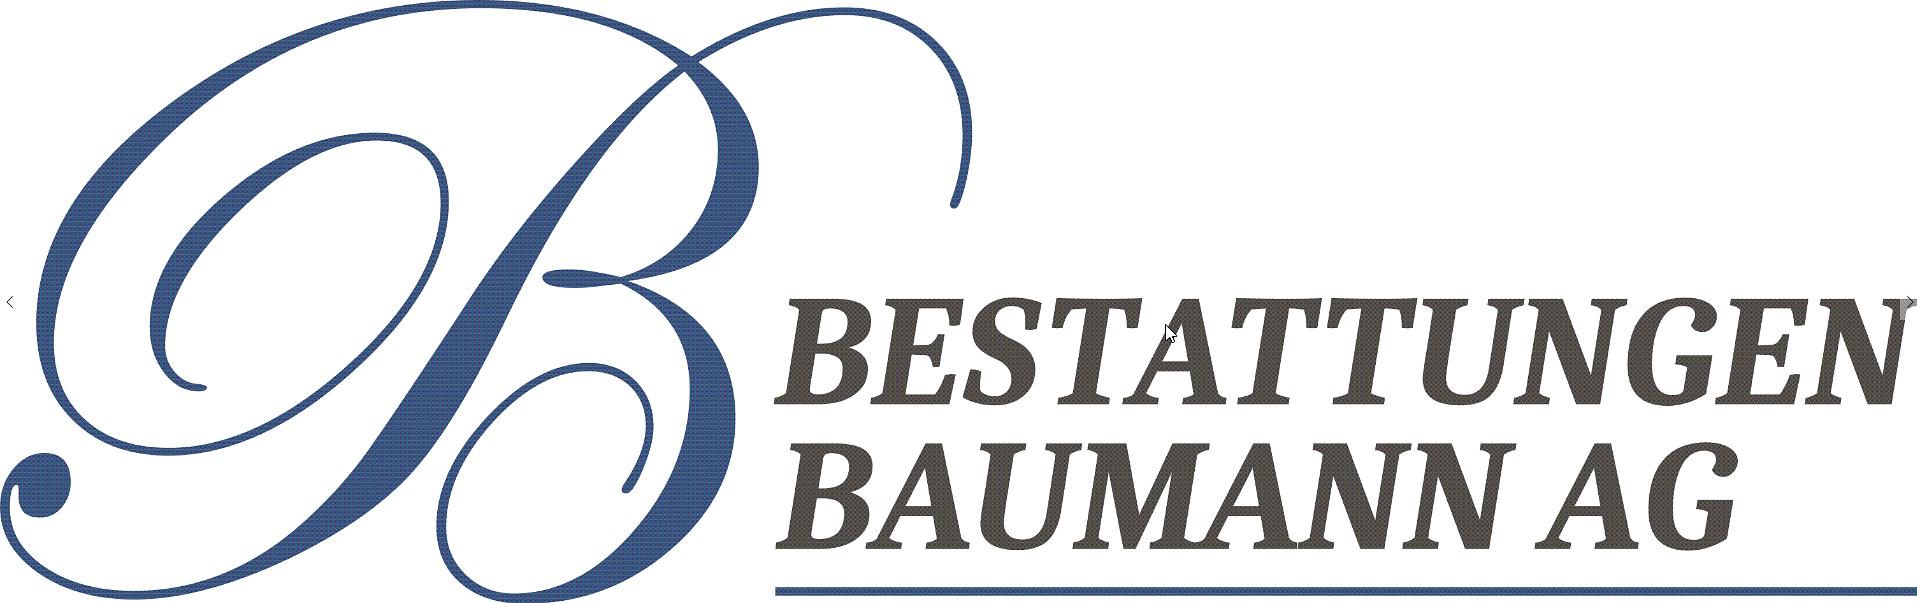 Bestattungen Baumann AG